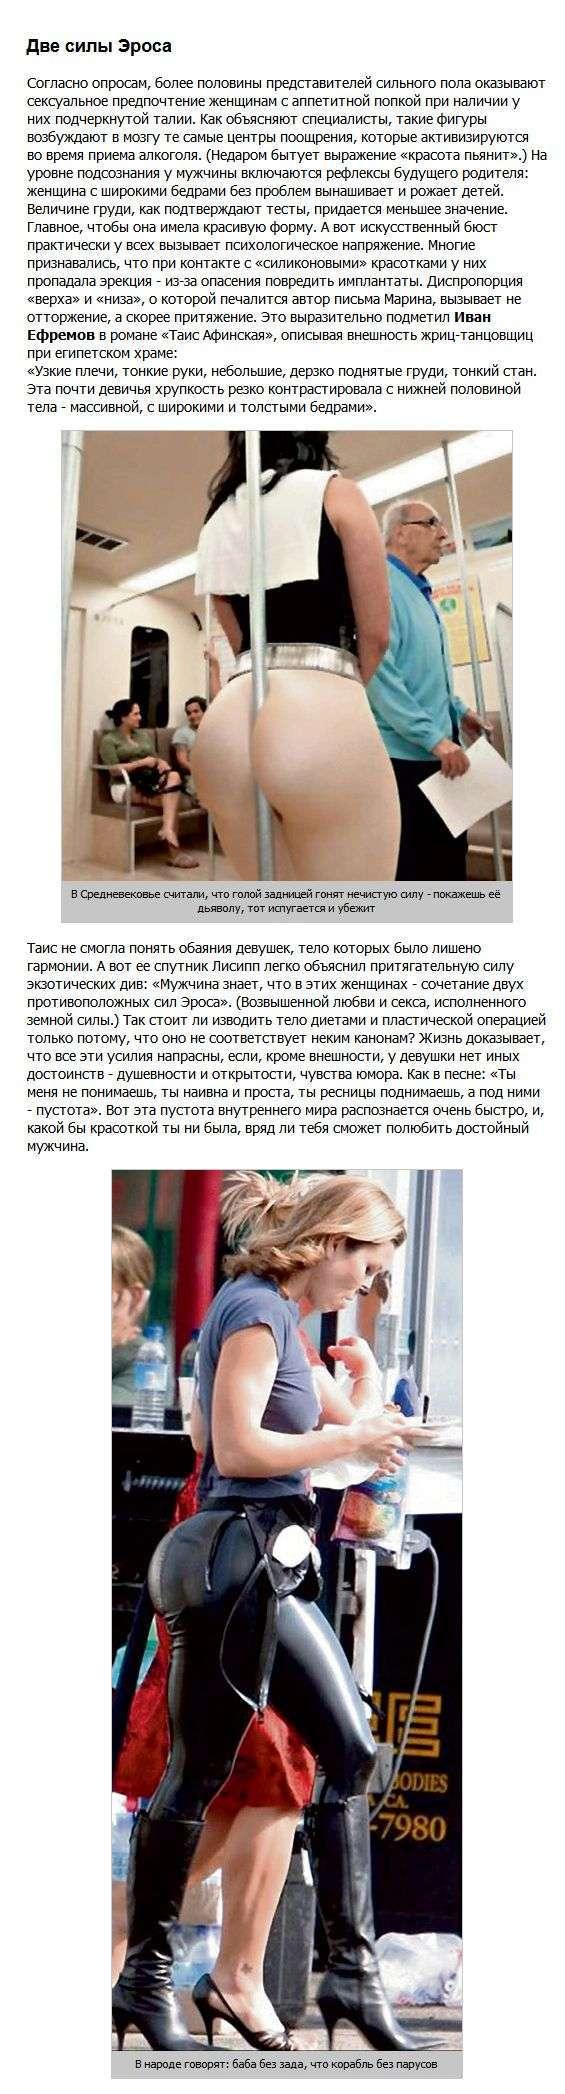 Факти про дівчат з великою попою (6 фото)